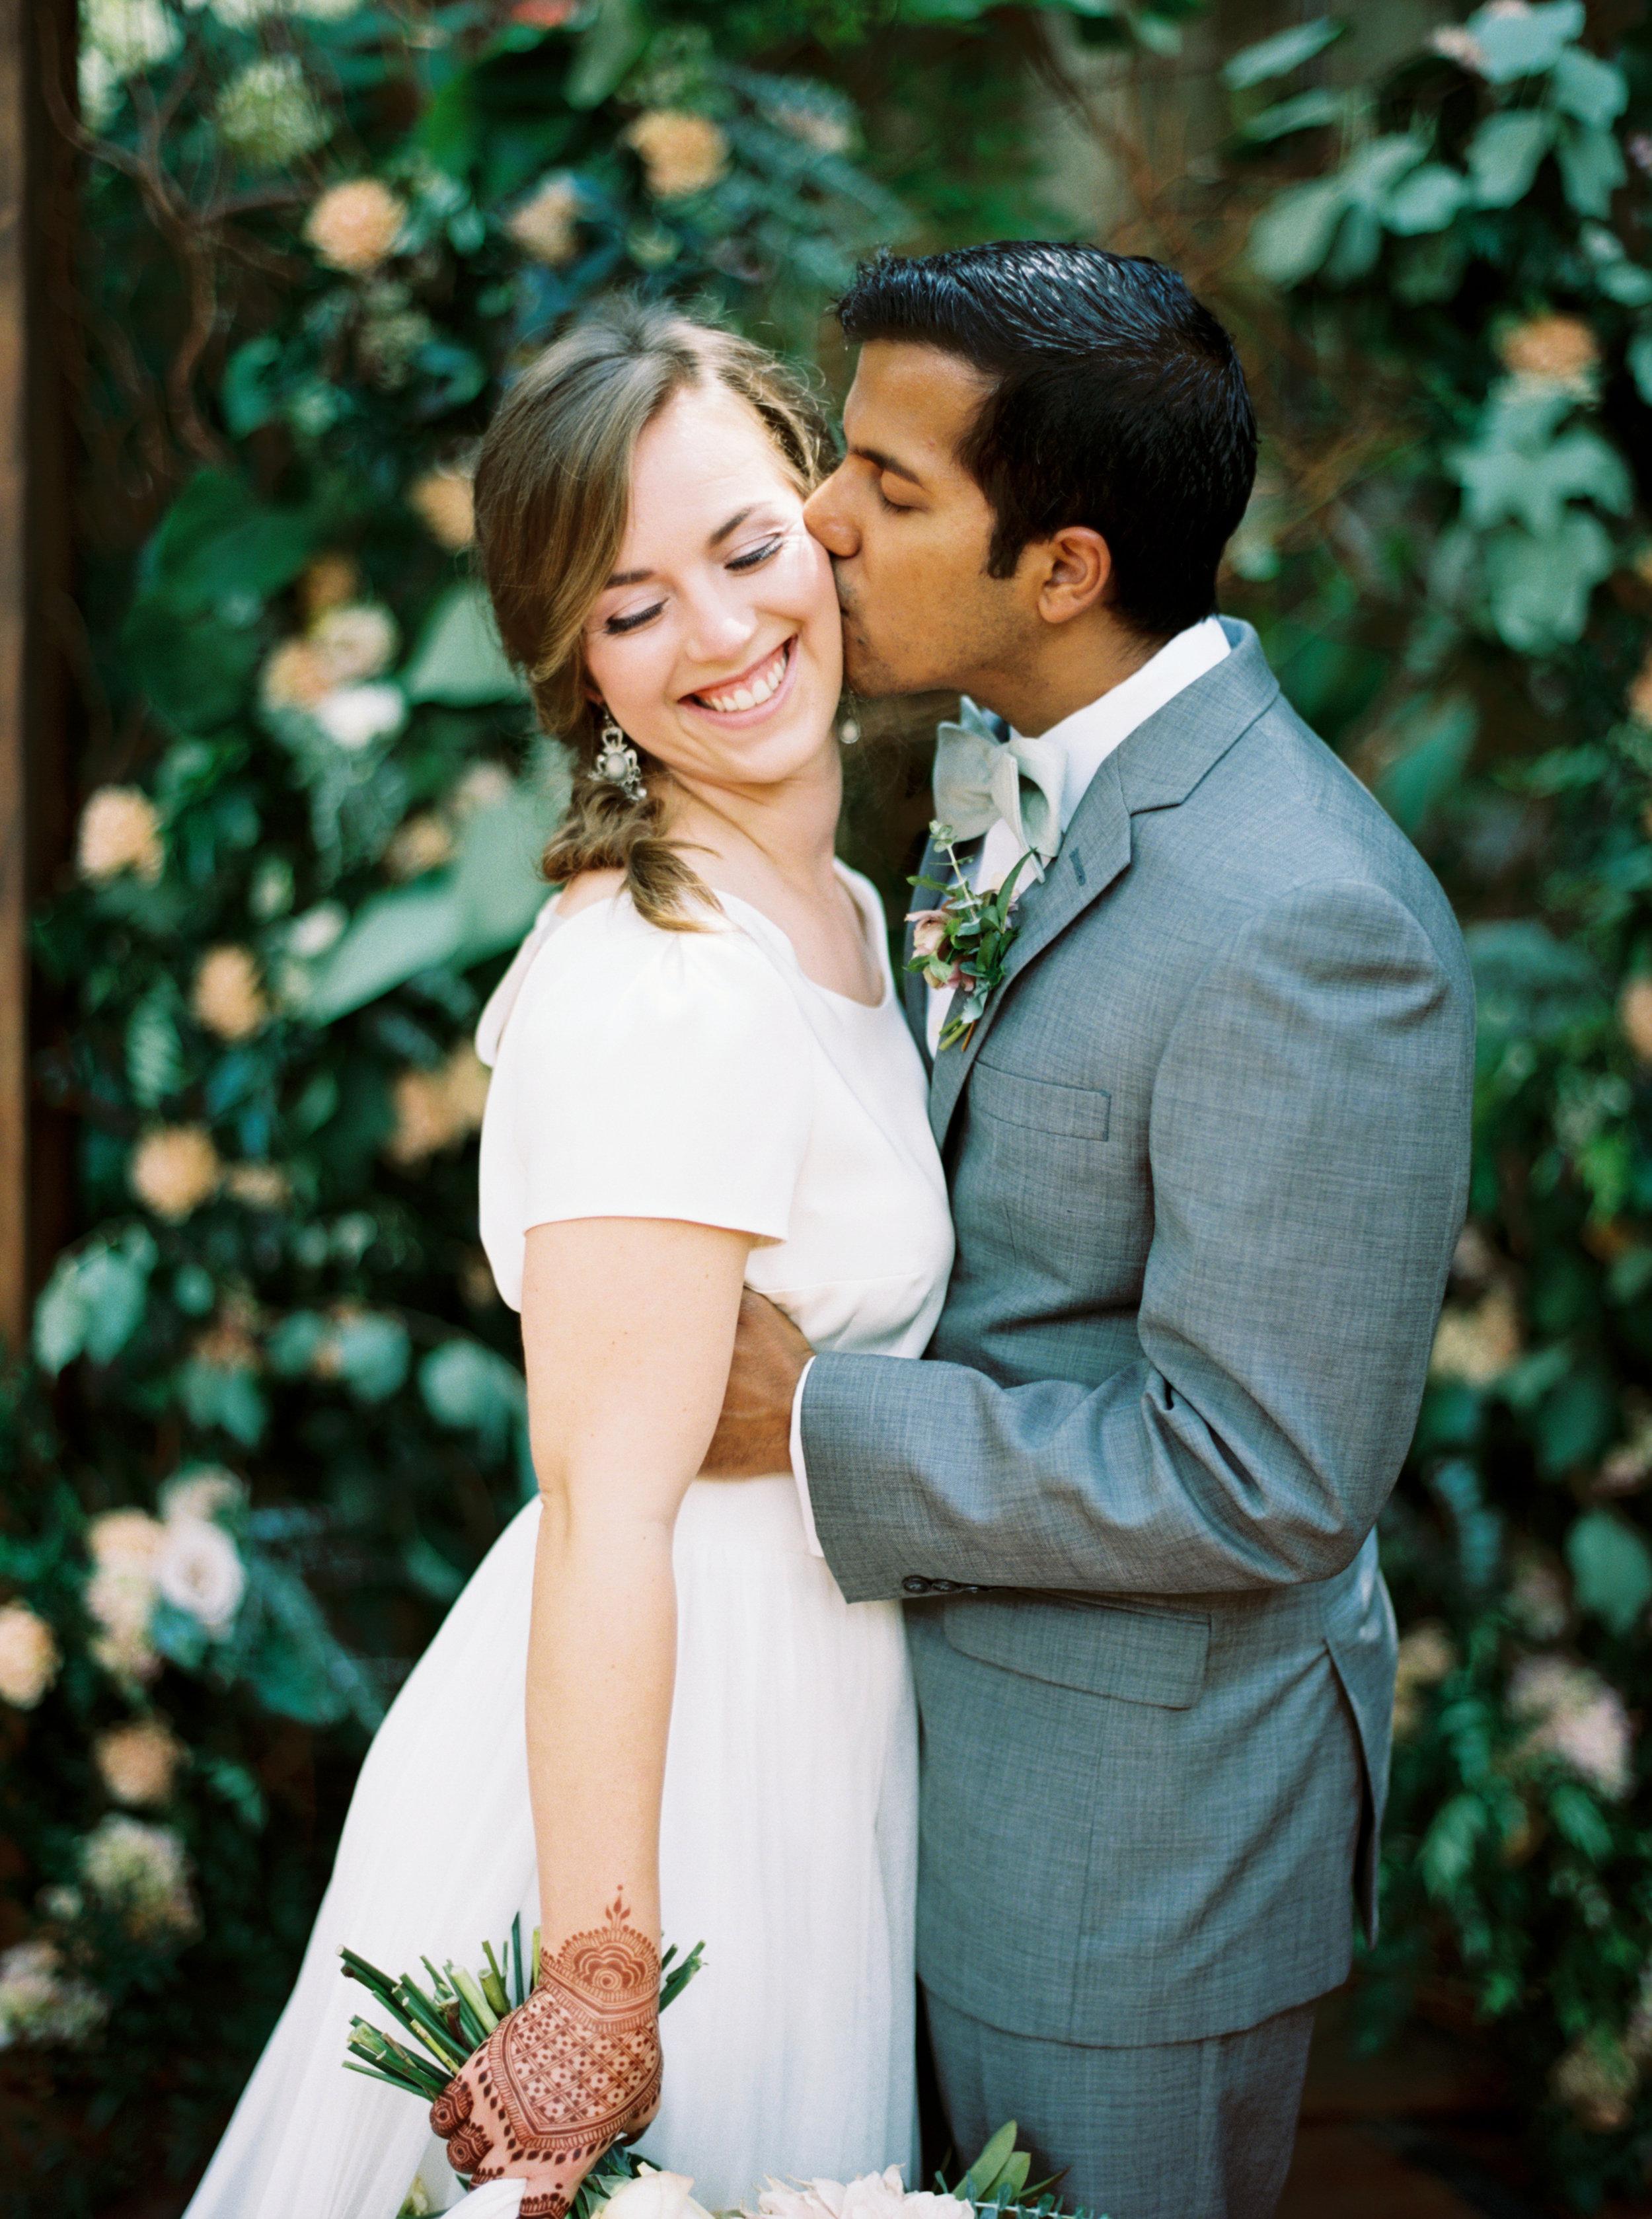 Wahoo_Grill_Atlanta_Indian_Wedding_Abigail_Malone_Photgoraphy_FIlm-112.jpg